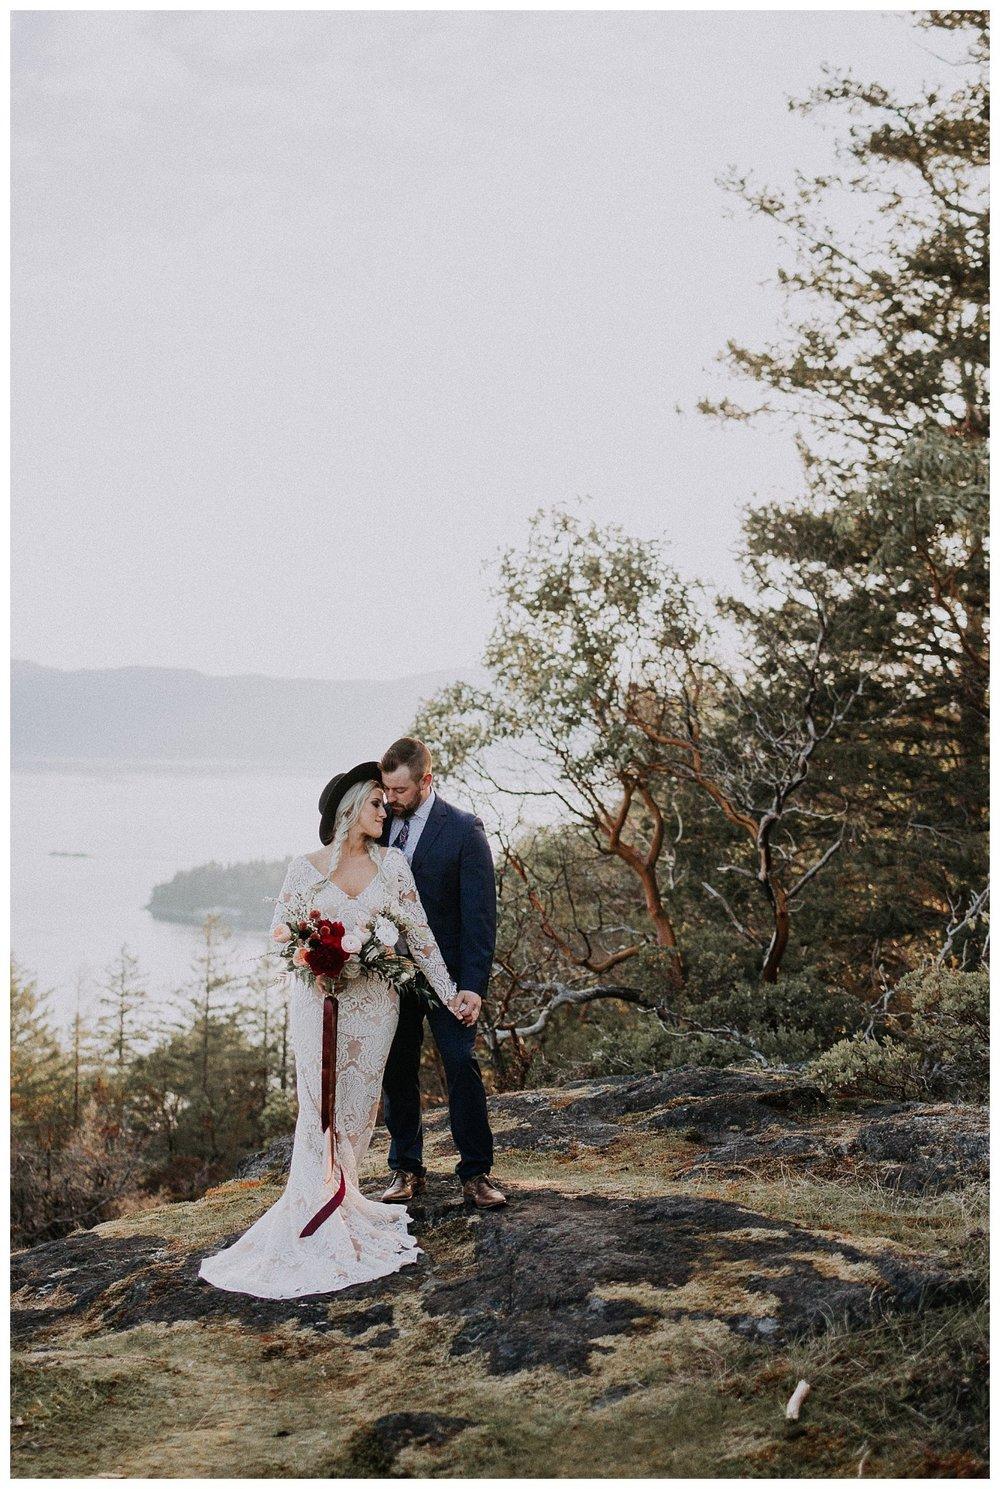 SMOKEY MOUNTAIN ELOPEMENT - SARA FITZ PHOTO - STOMP 8.jpg